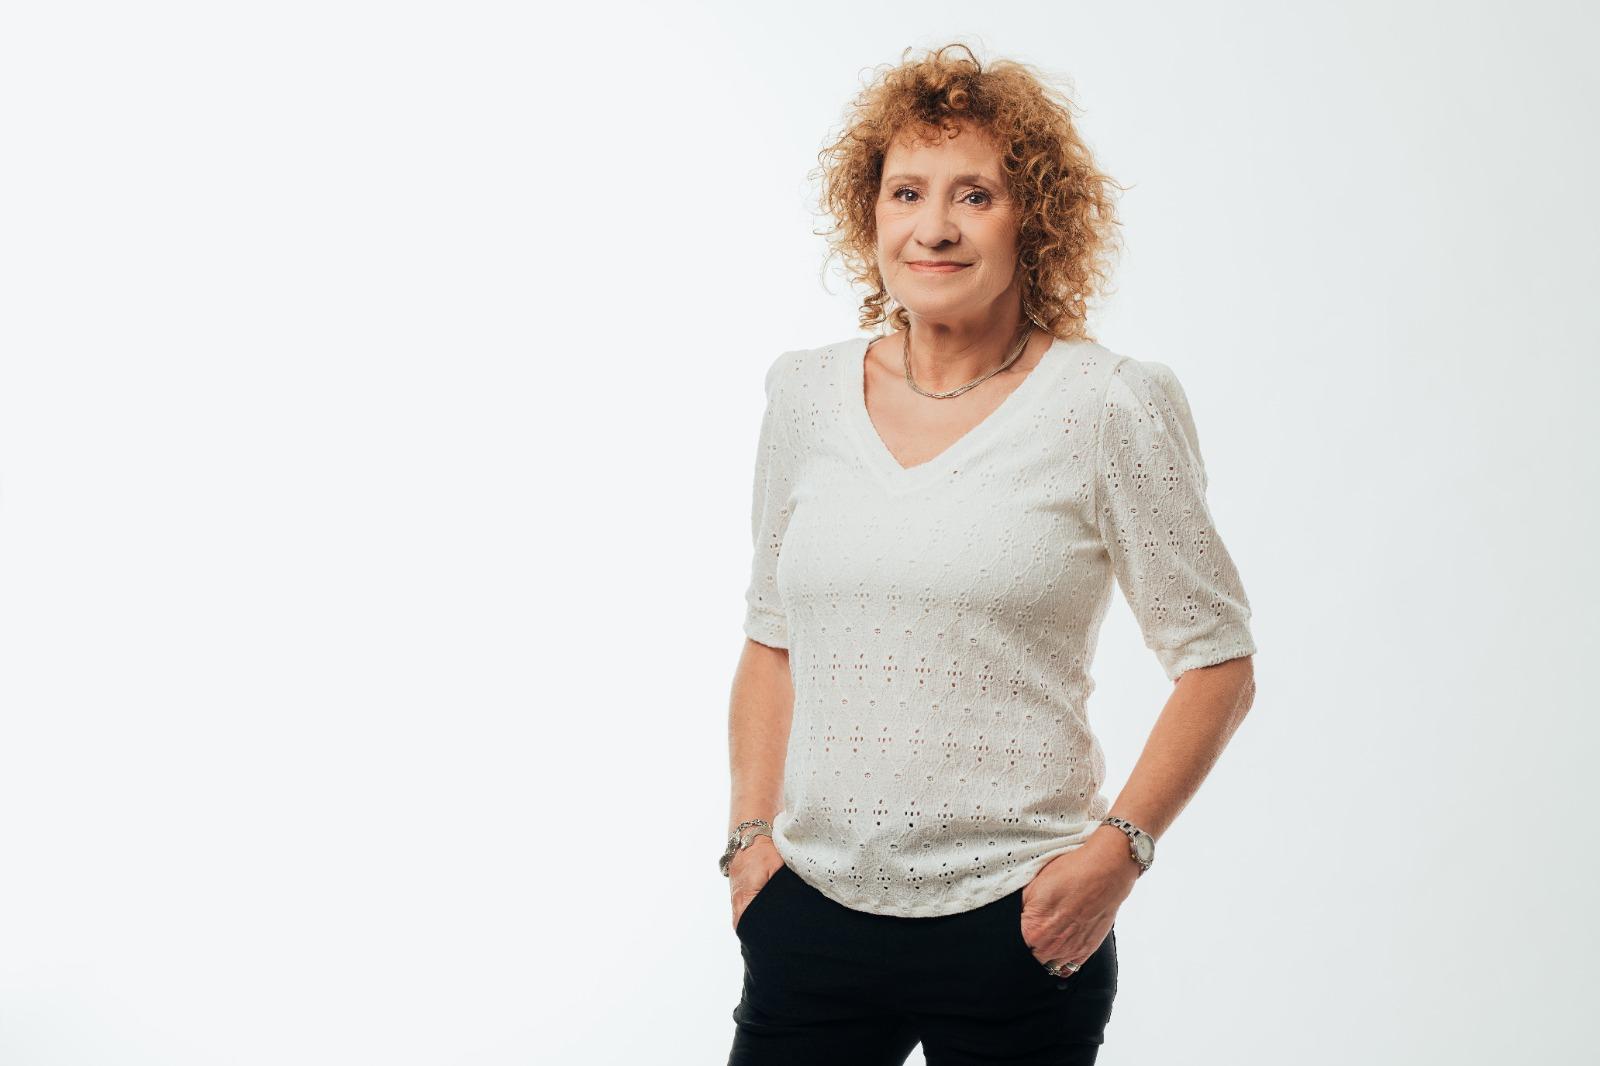 רותי מאור פרגר מכון דרור לפסיכולוגיה וחינוך